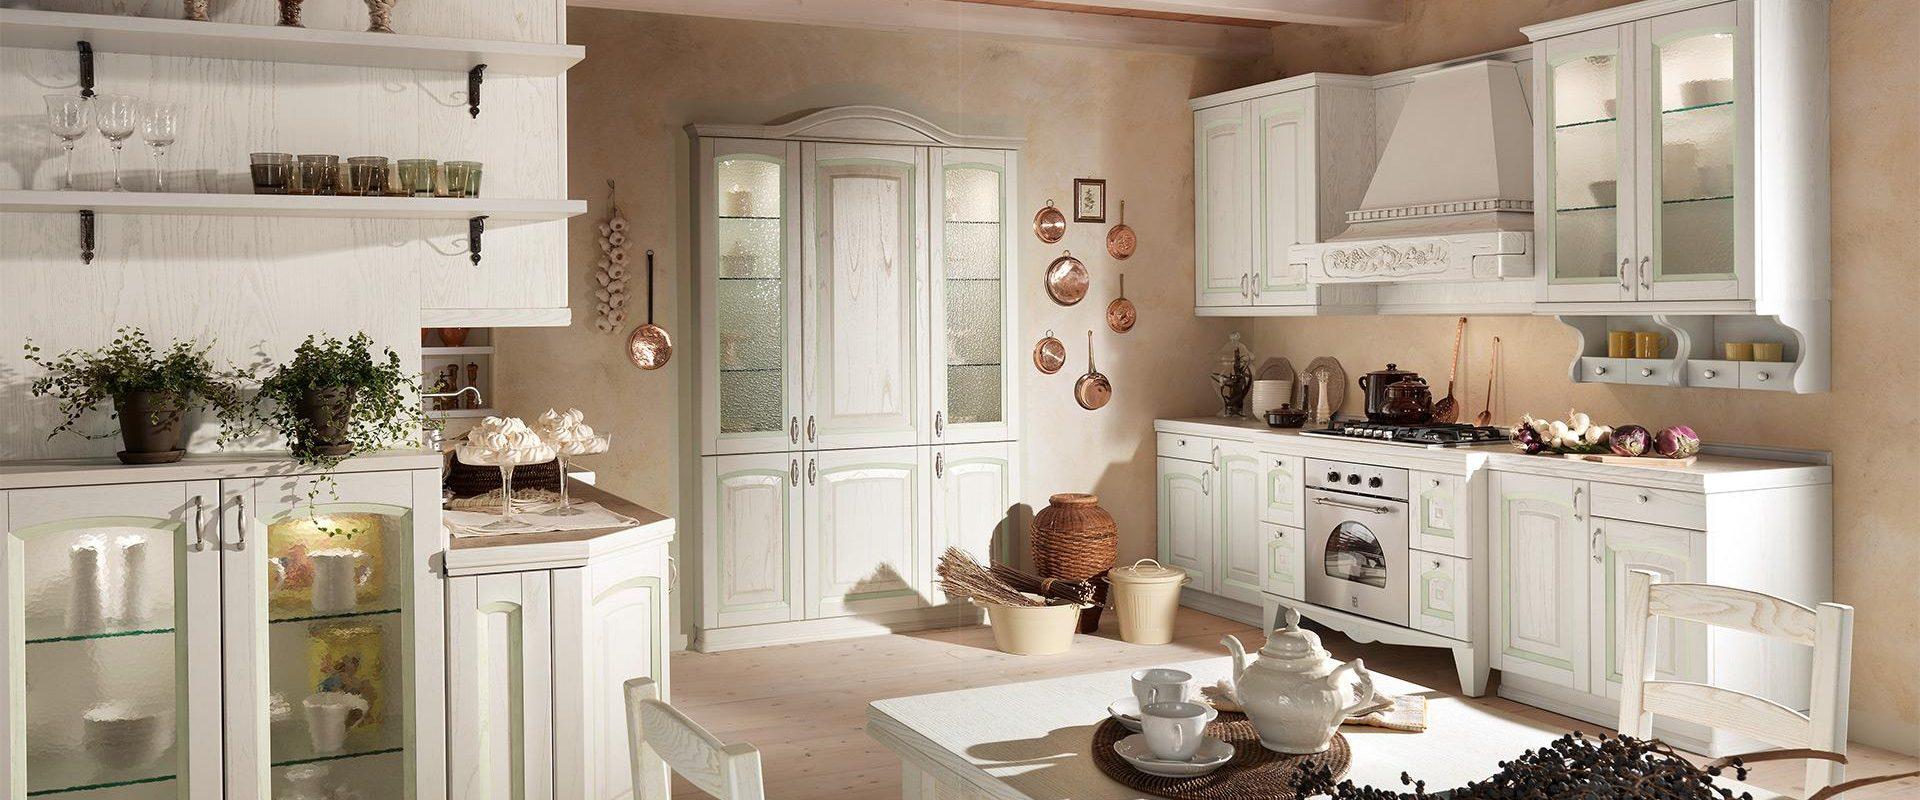 Il parquet in cucina e in bagno: sì o no? | Arredare la cucina